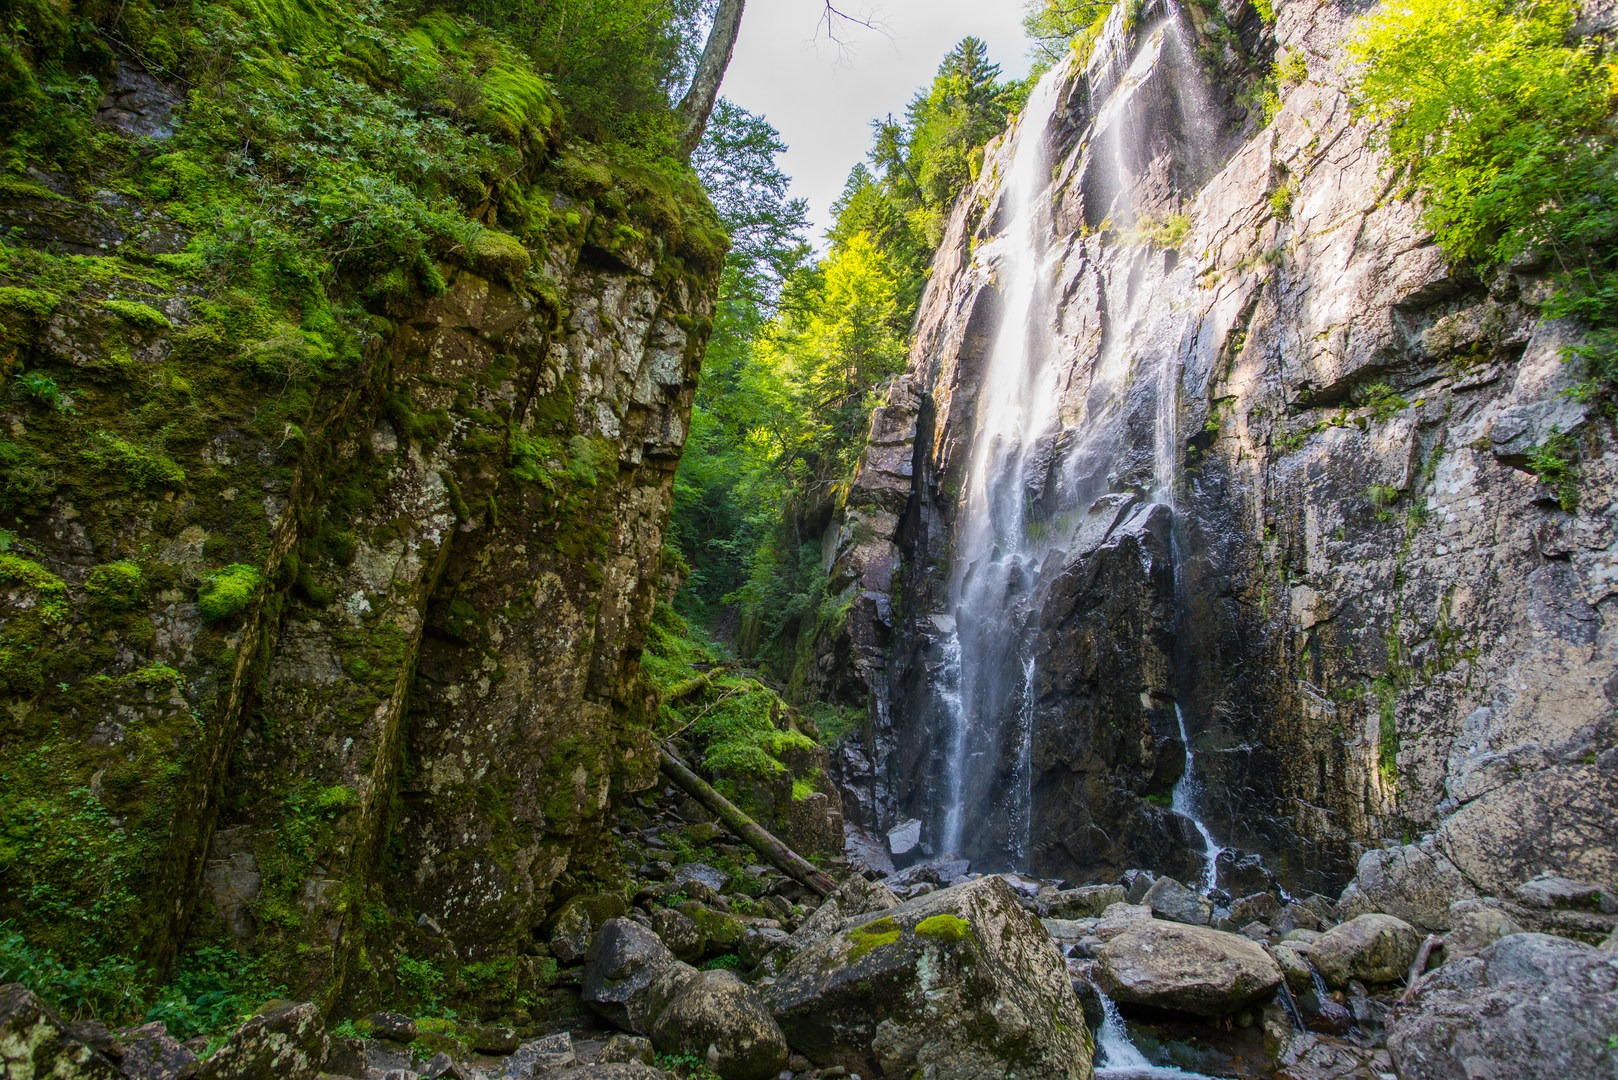 Adirondack Mountains New York - JourneyBe.com